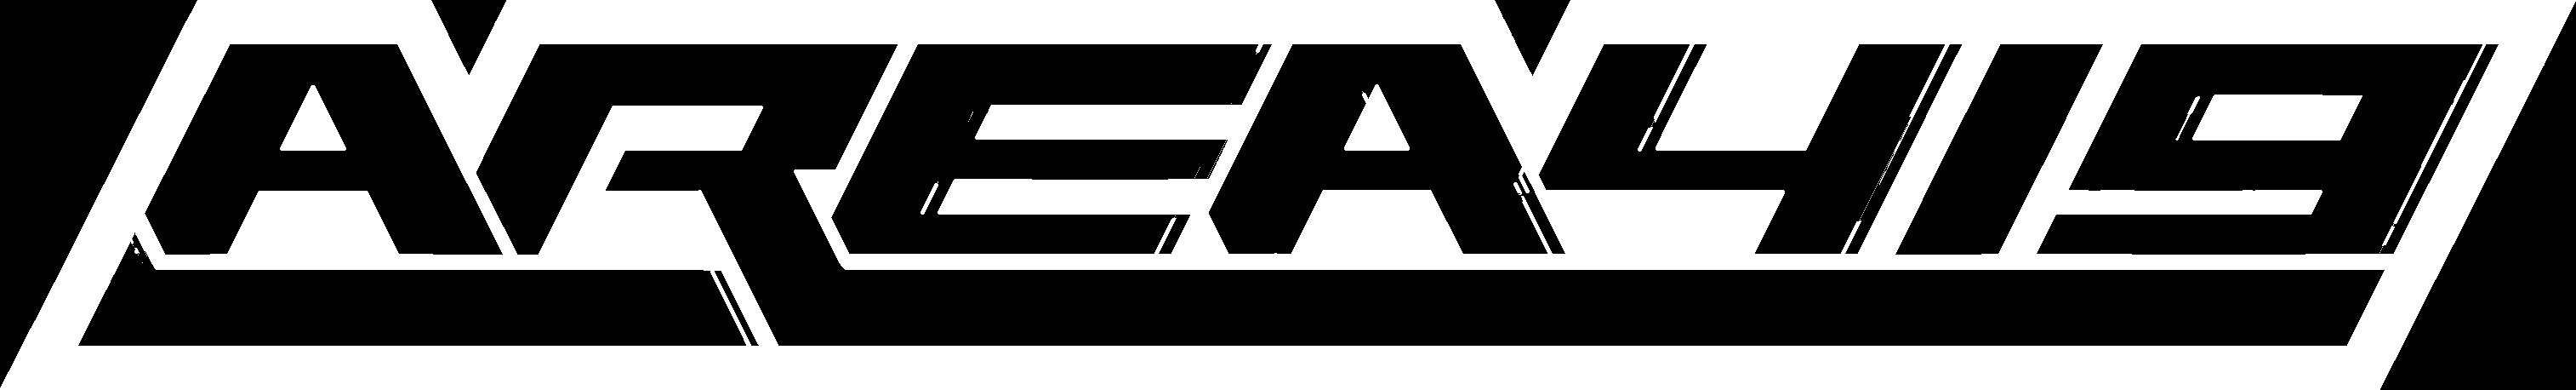 Area 419